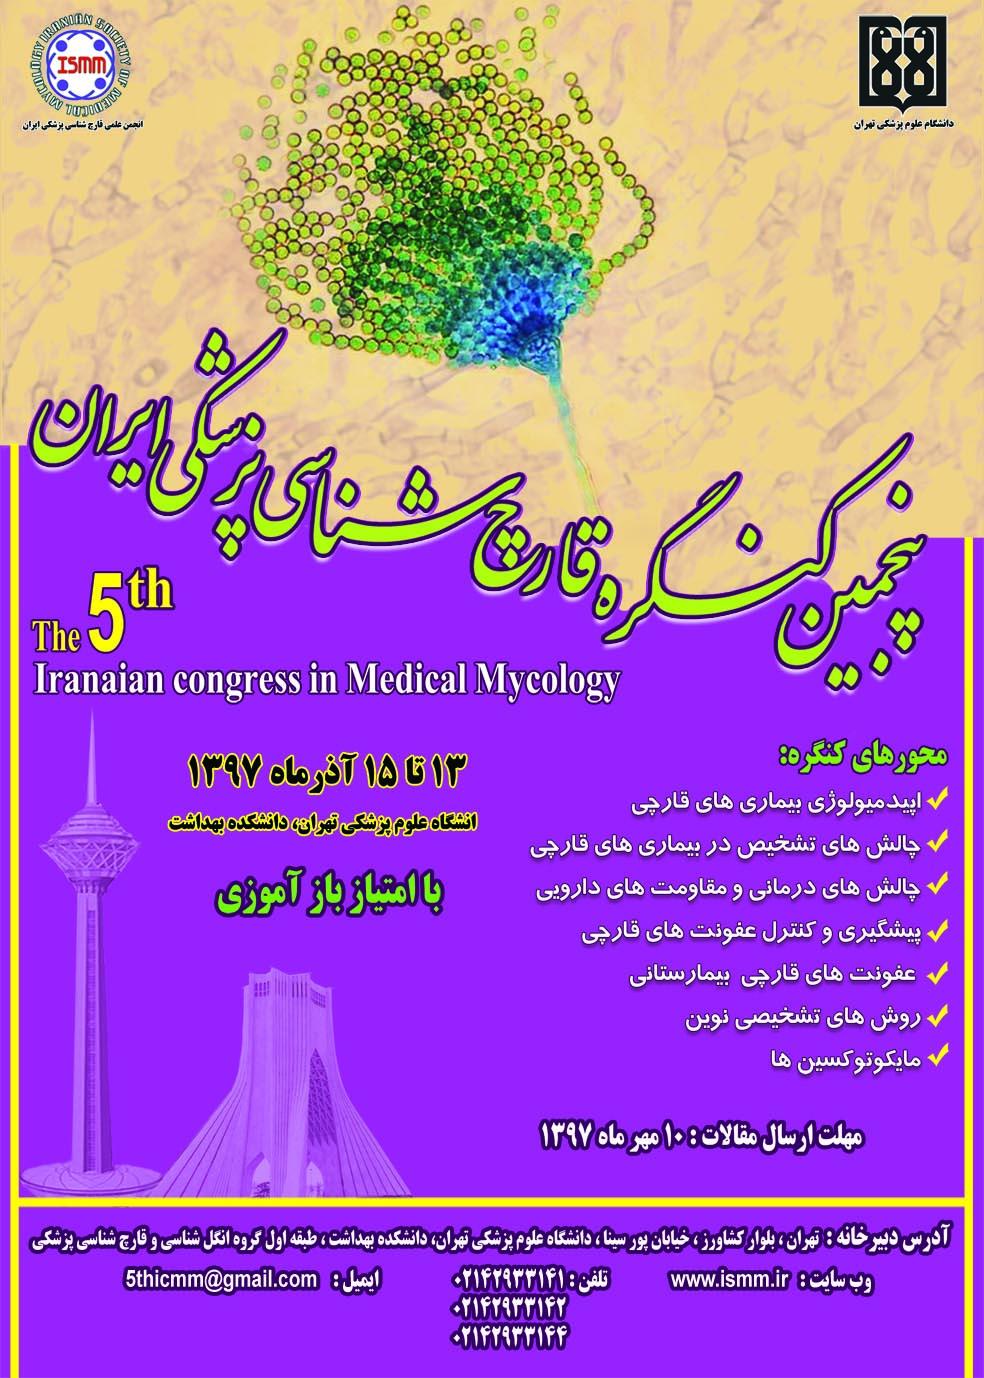 پنجمین کنگره قارچ شناسی پزشکی ایران